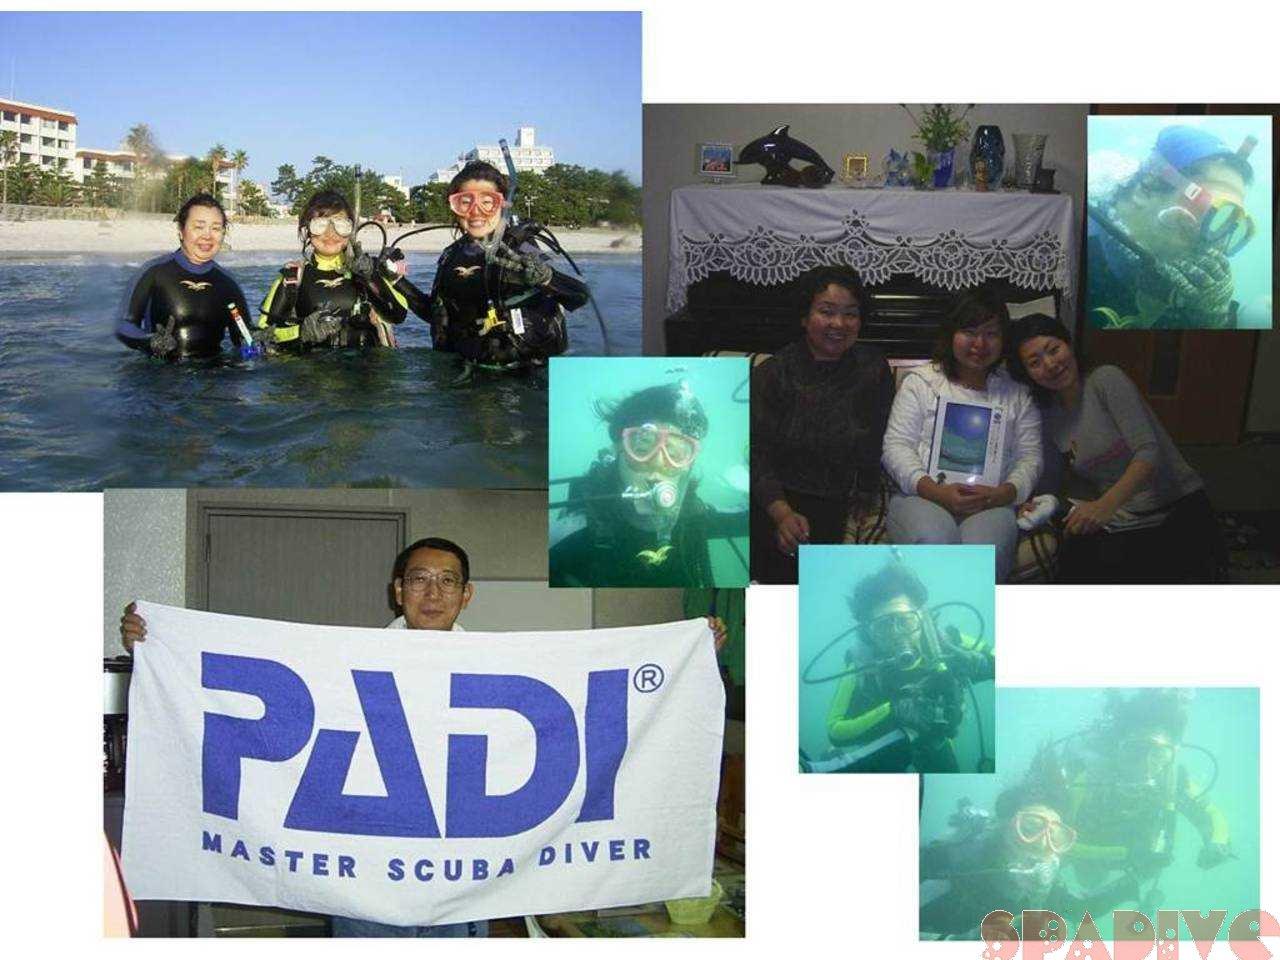 体験ダイビング MSDマスタースクーバダイバー認定 10/23/2004白浜